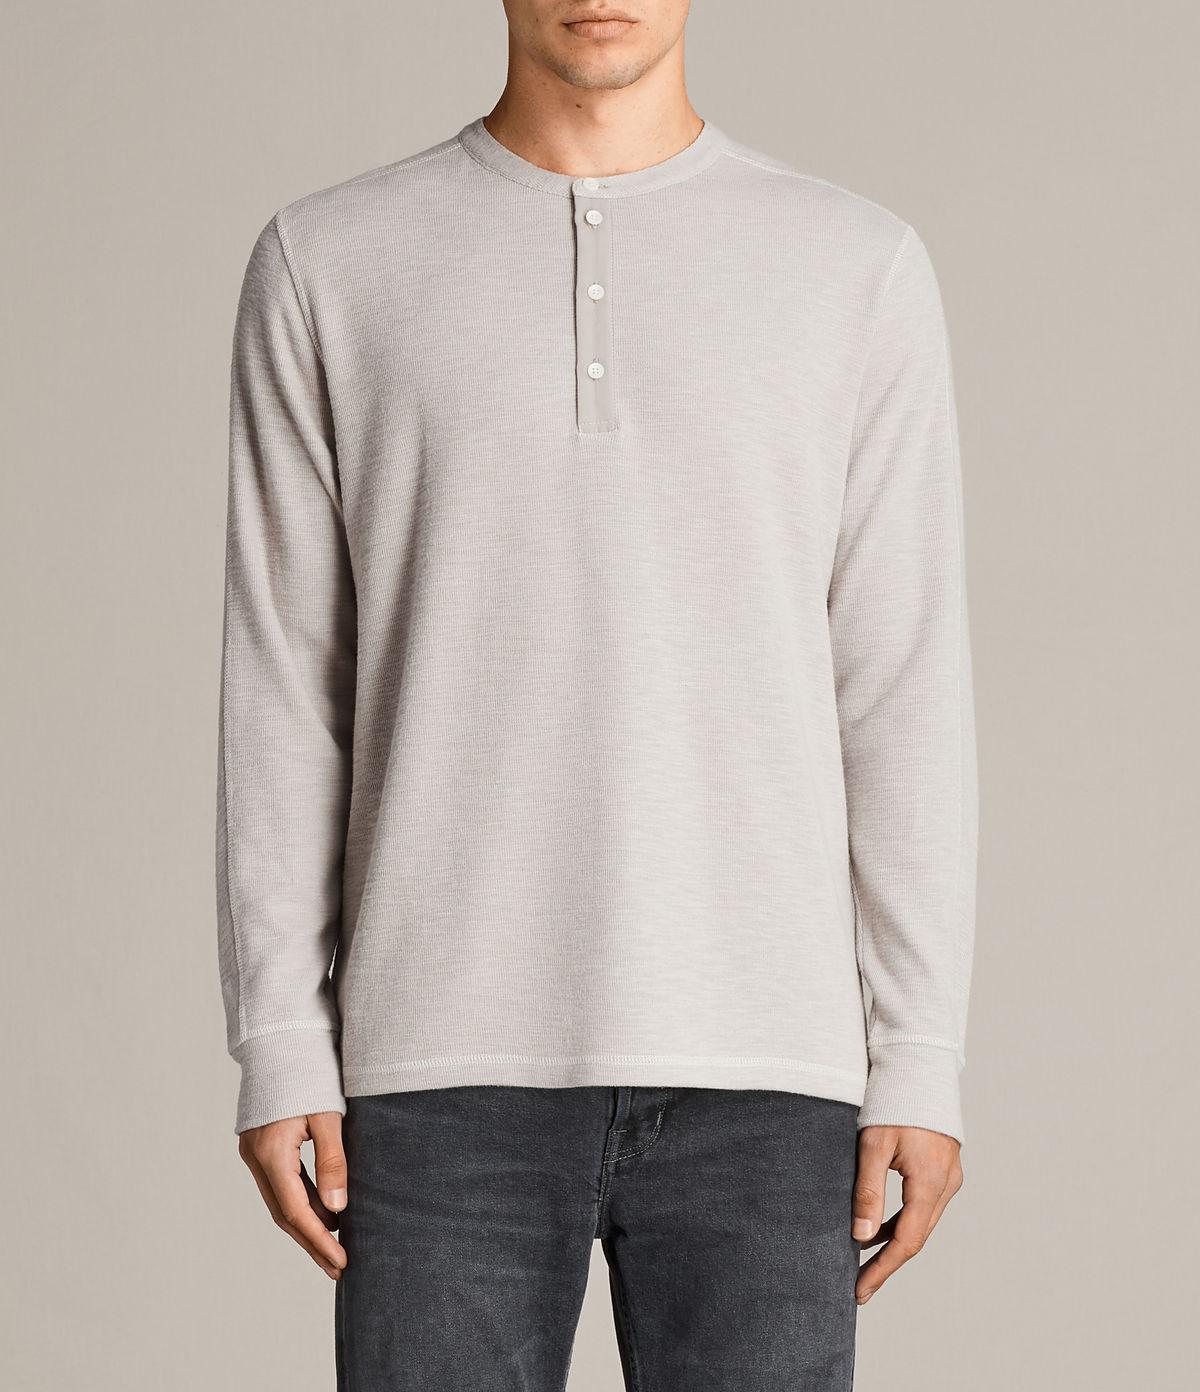 kraus-henley-t-shirt